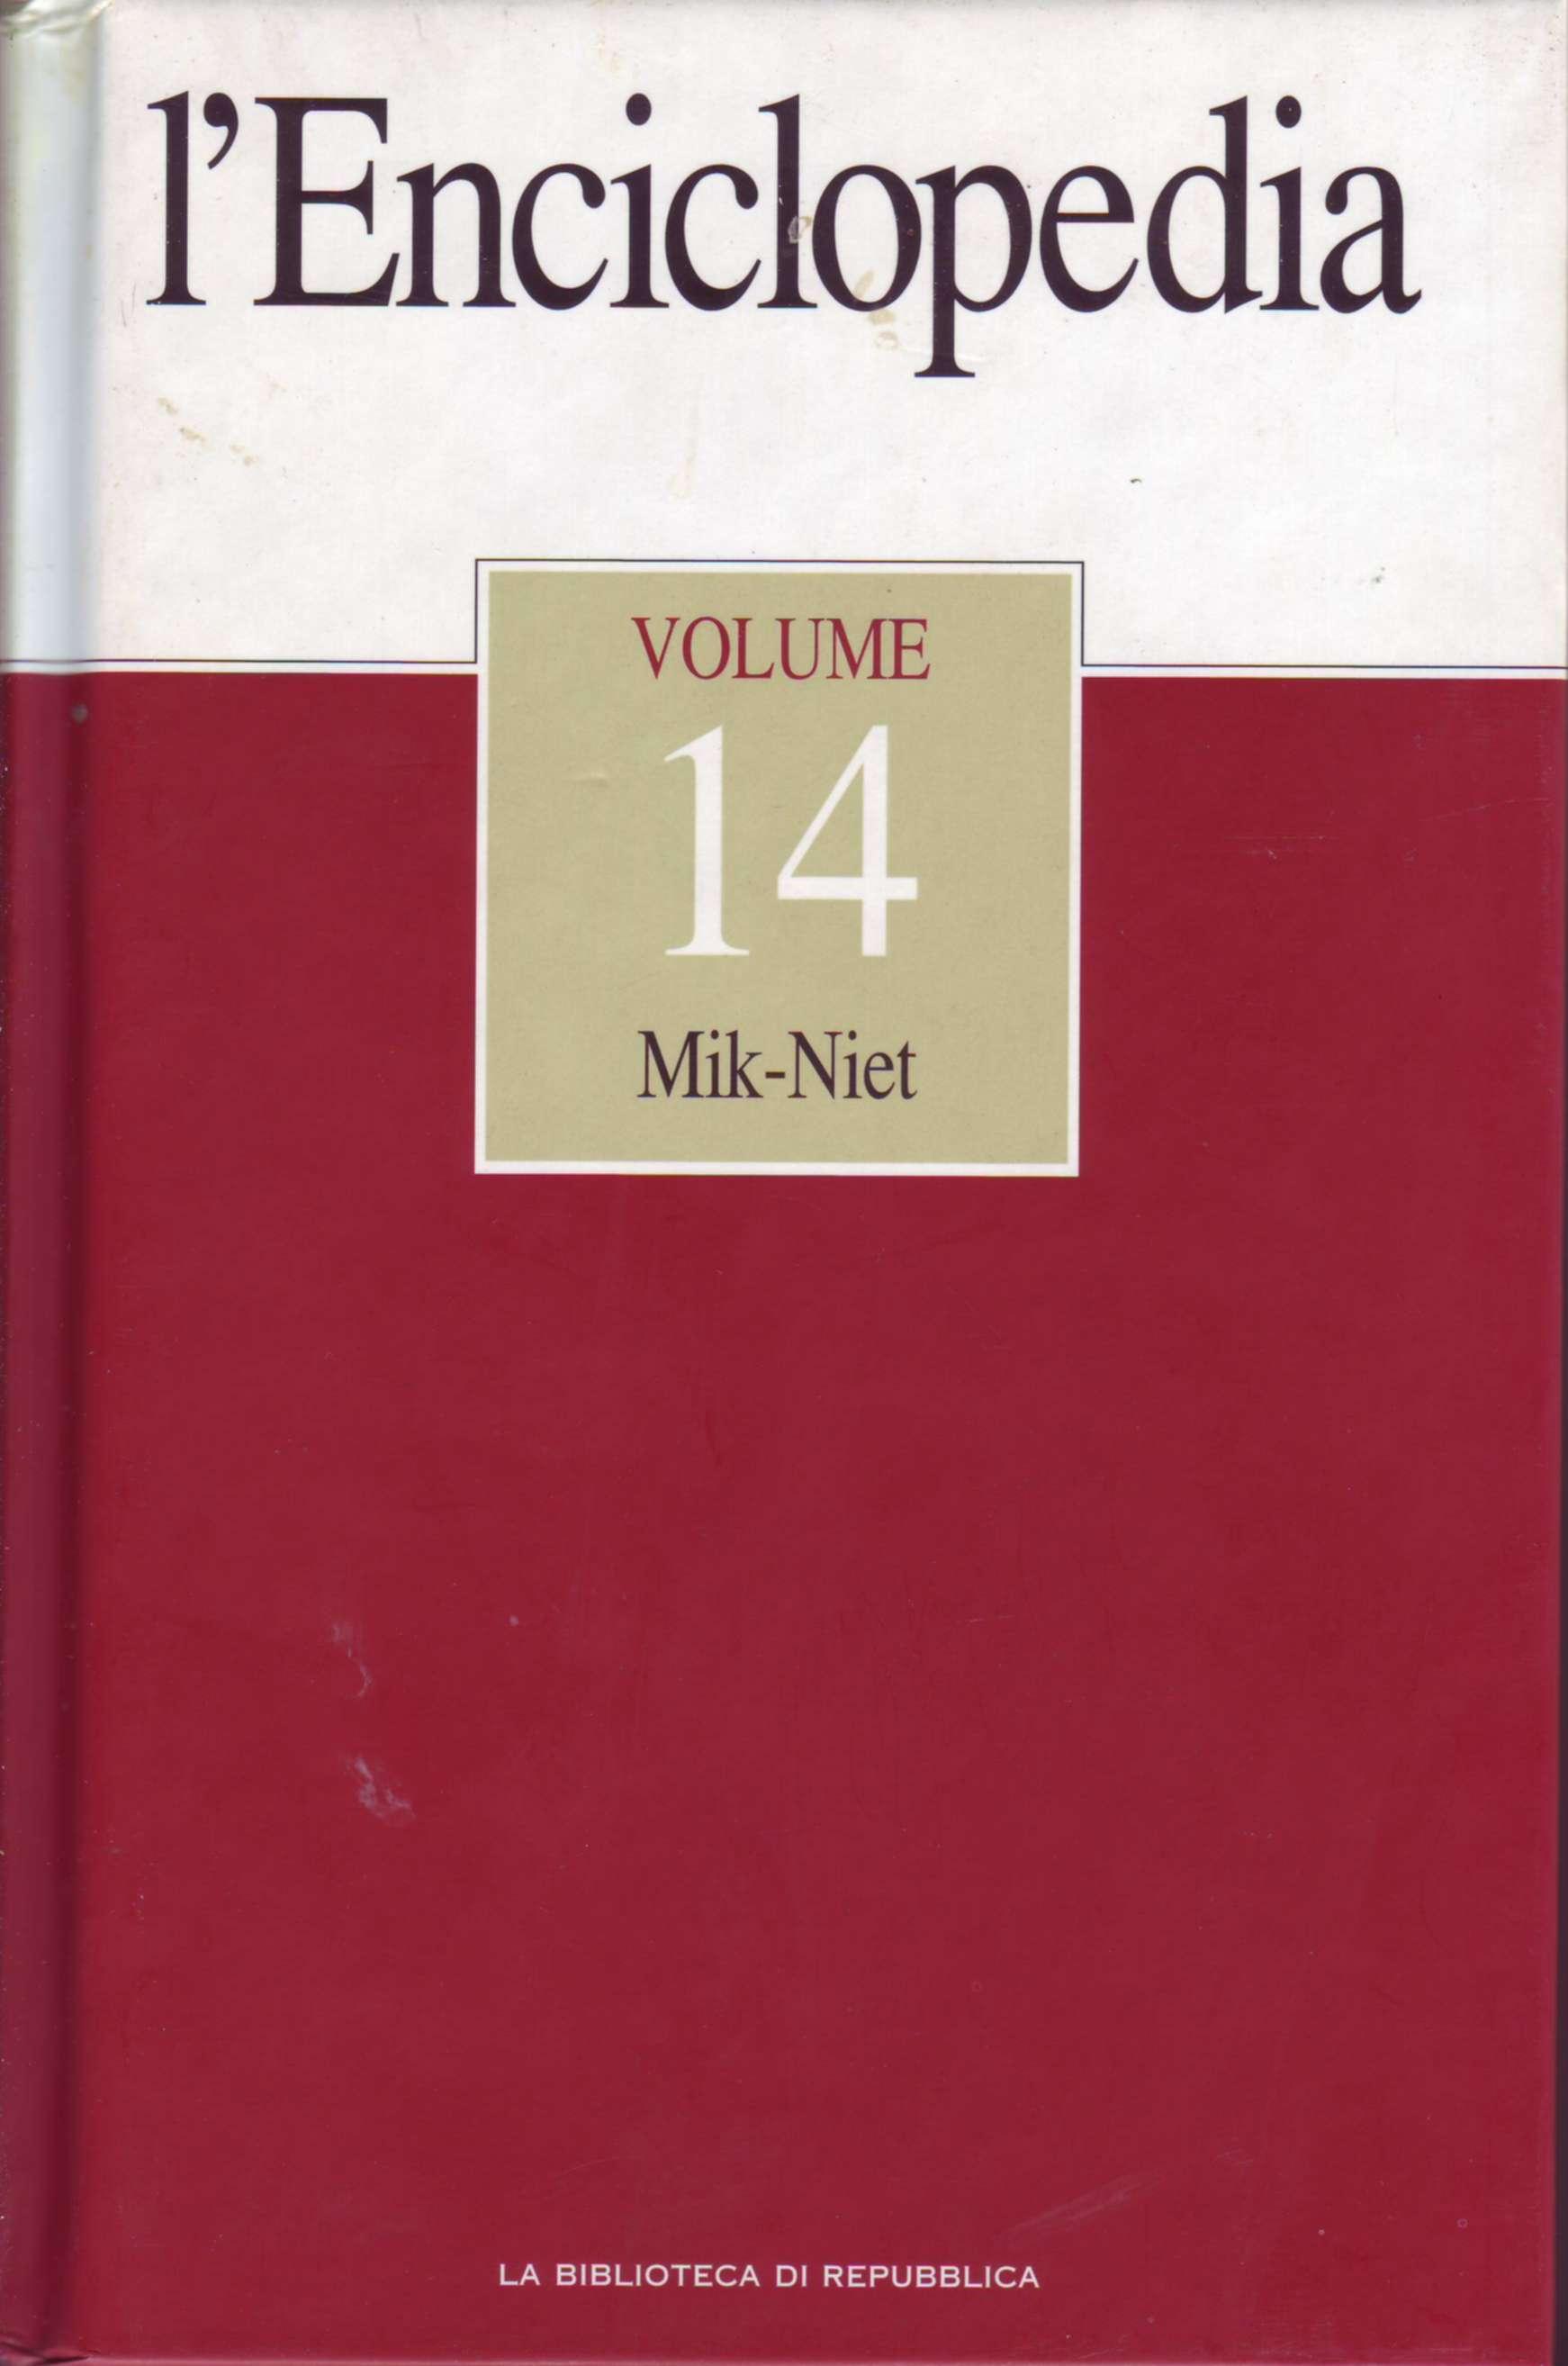 L'Enciclopedia - Vol. 14